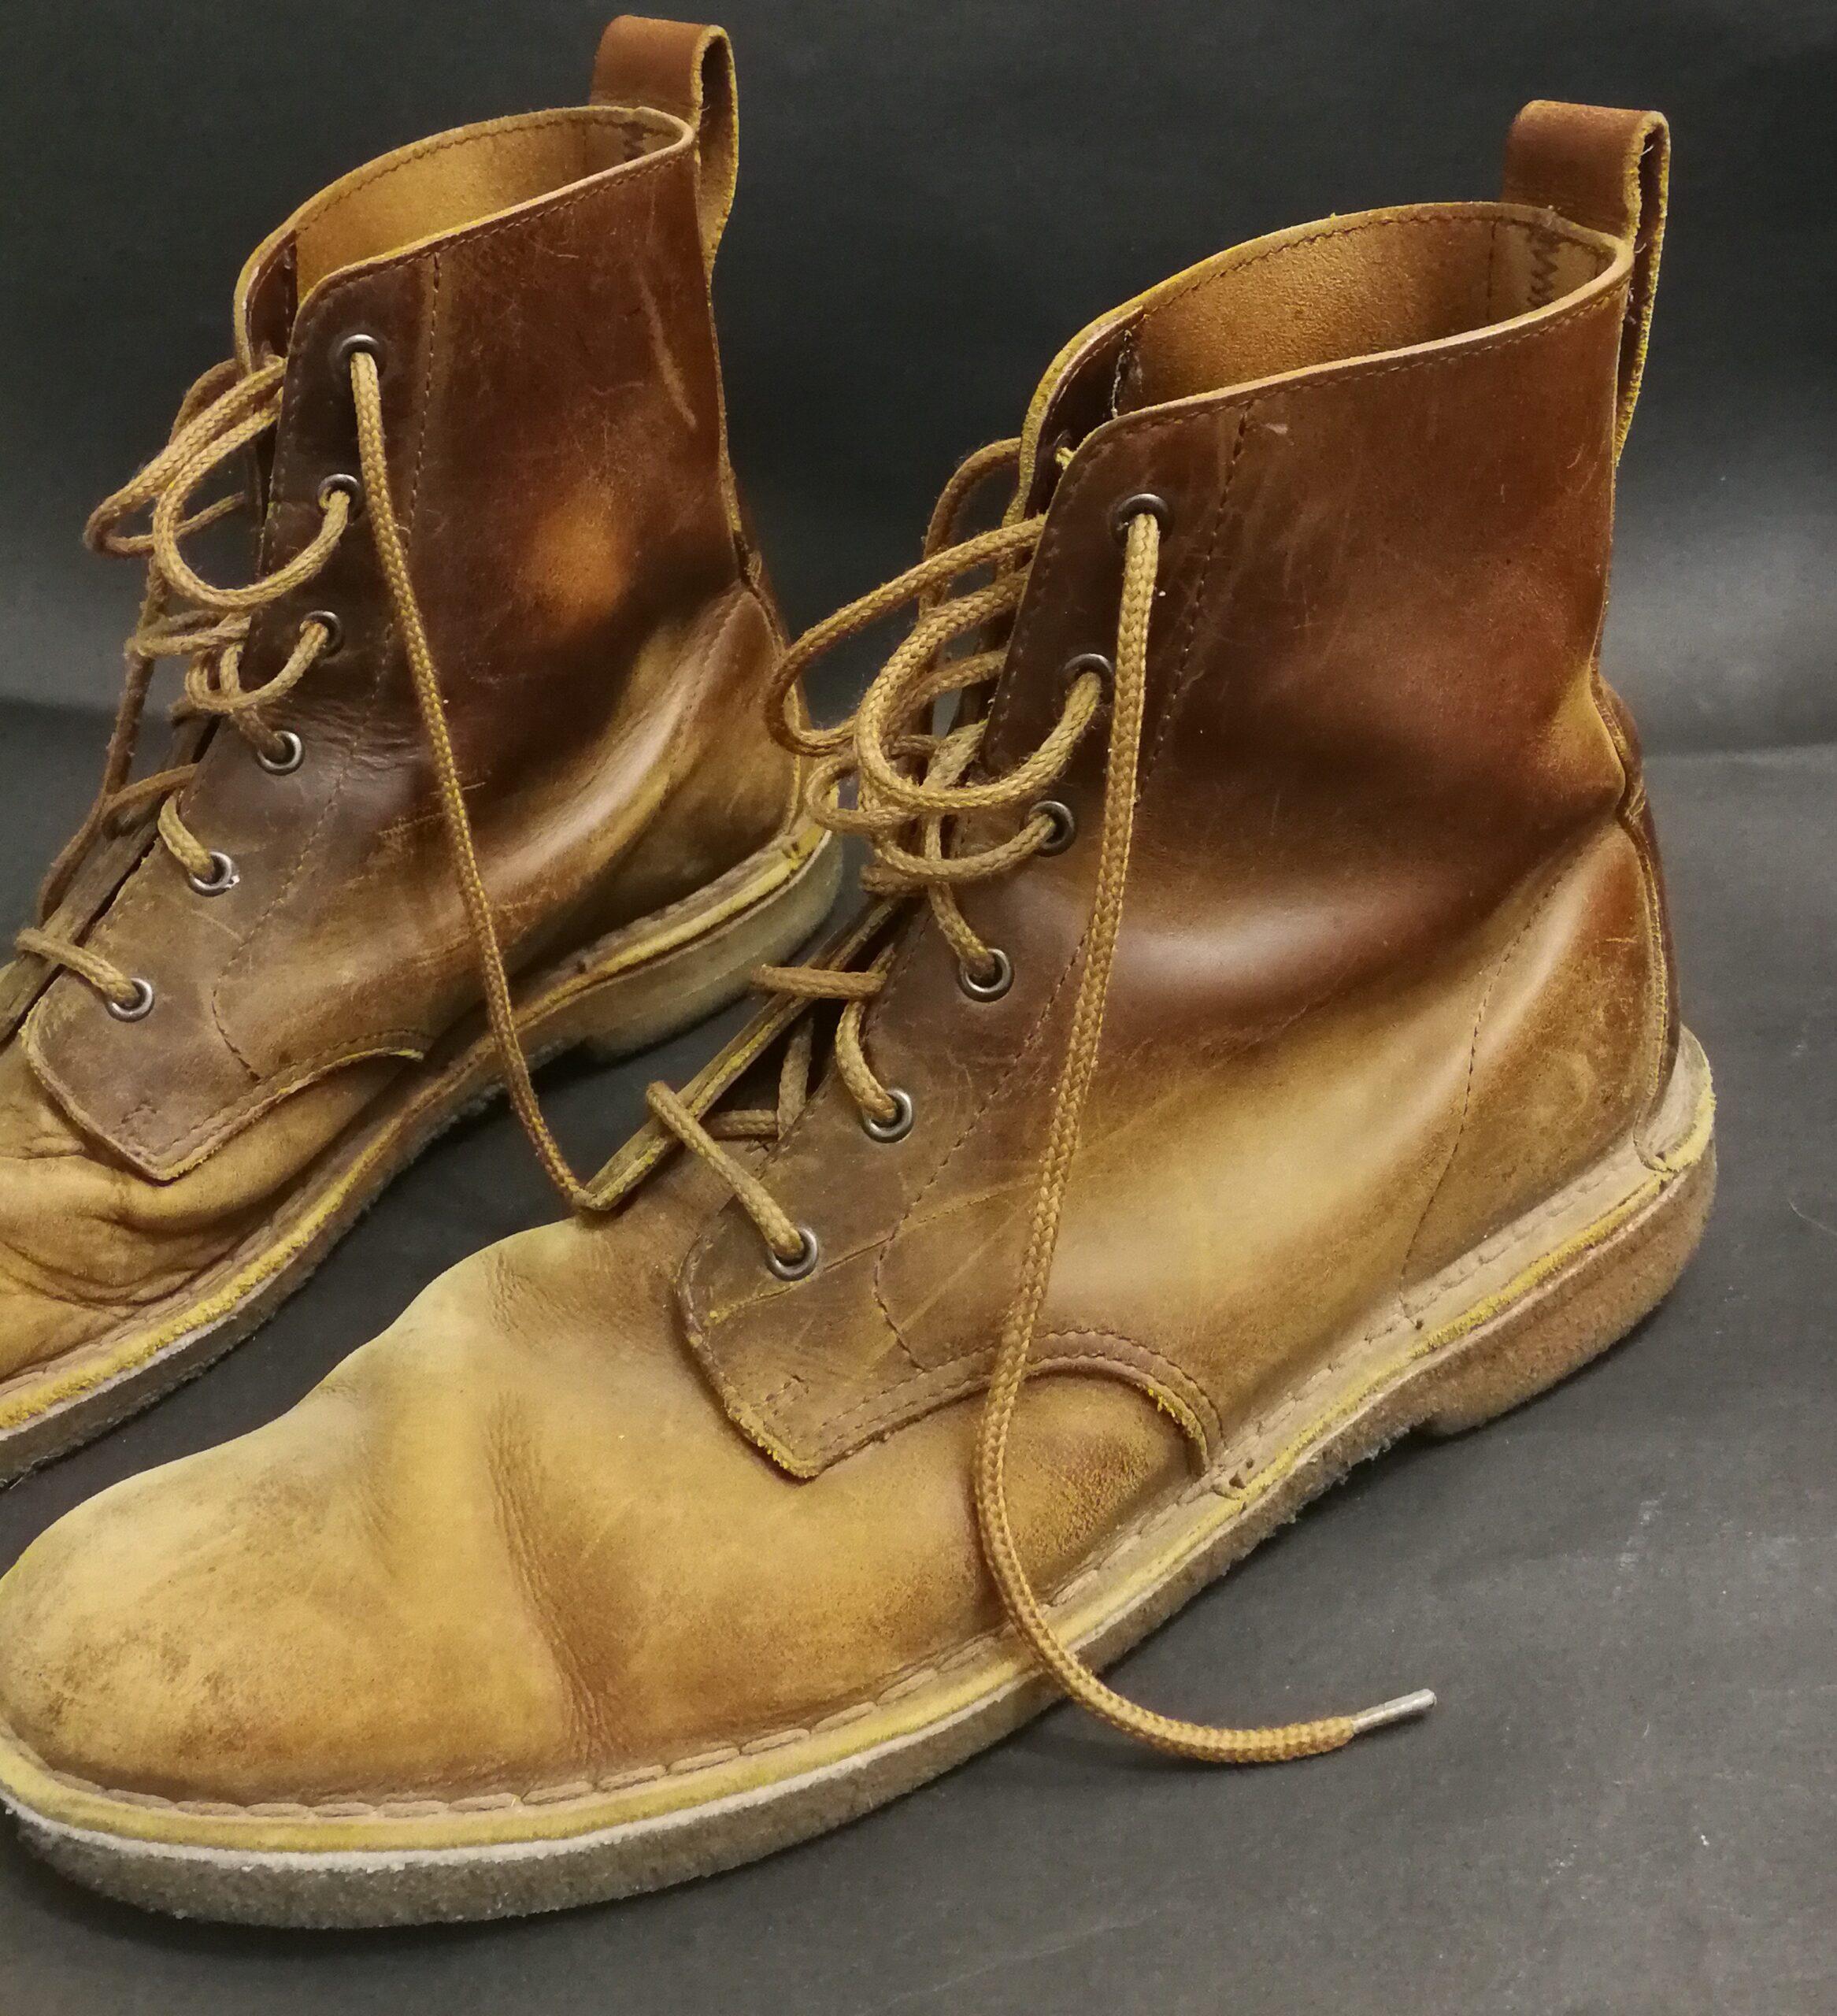 [TEST] Clark's Desert boot